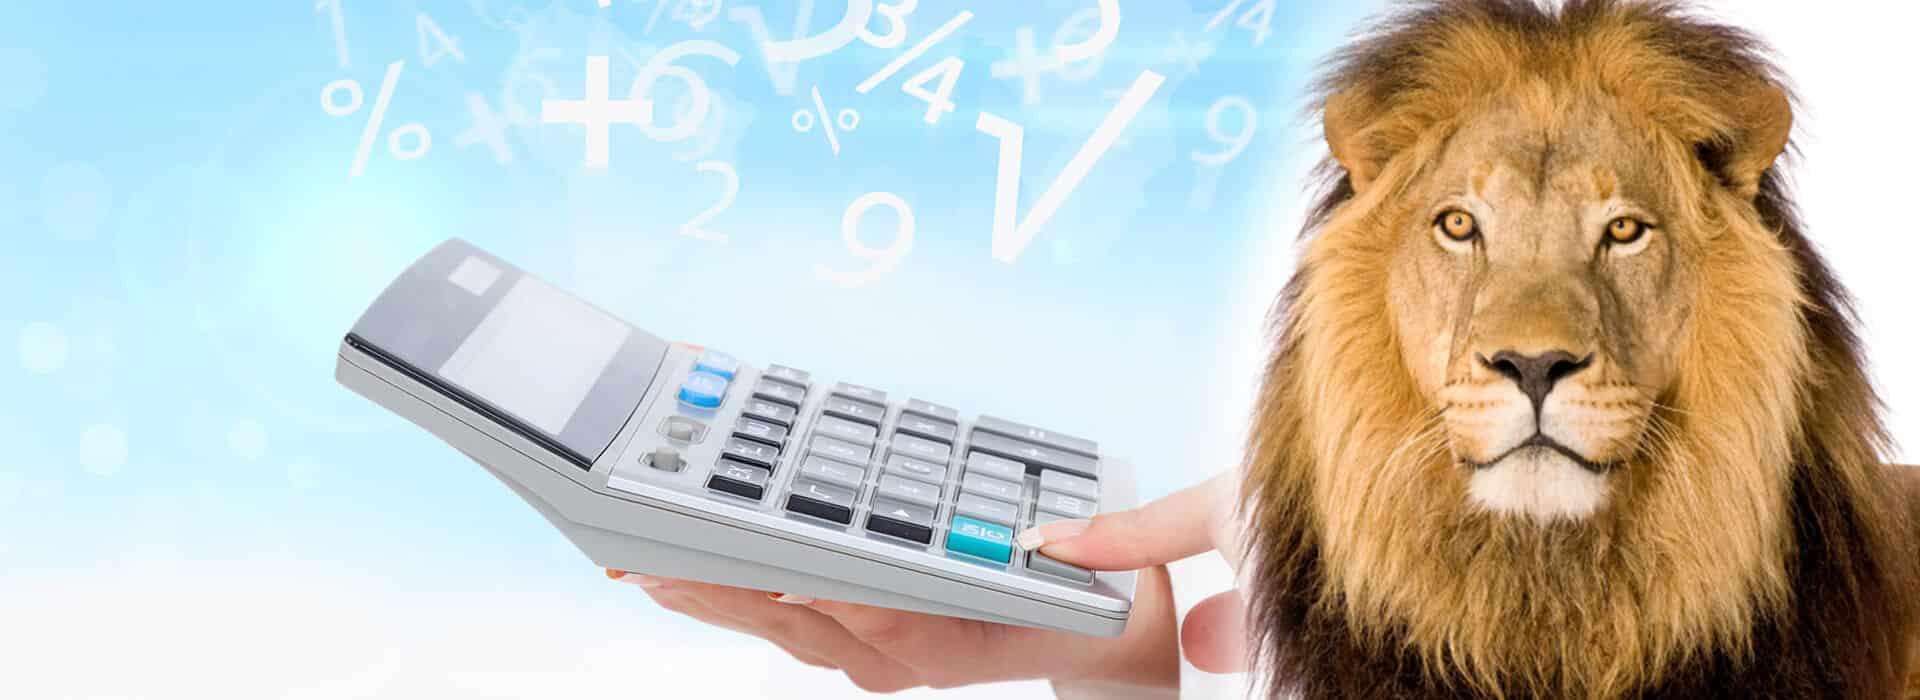 Calculadora gratuita mostra o valor de dedução INSS do empregador no Imposto de Renda 2016